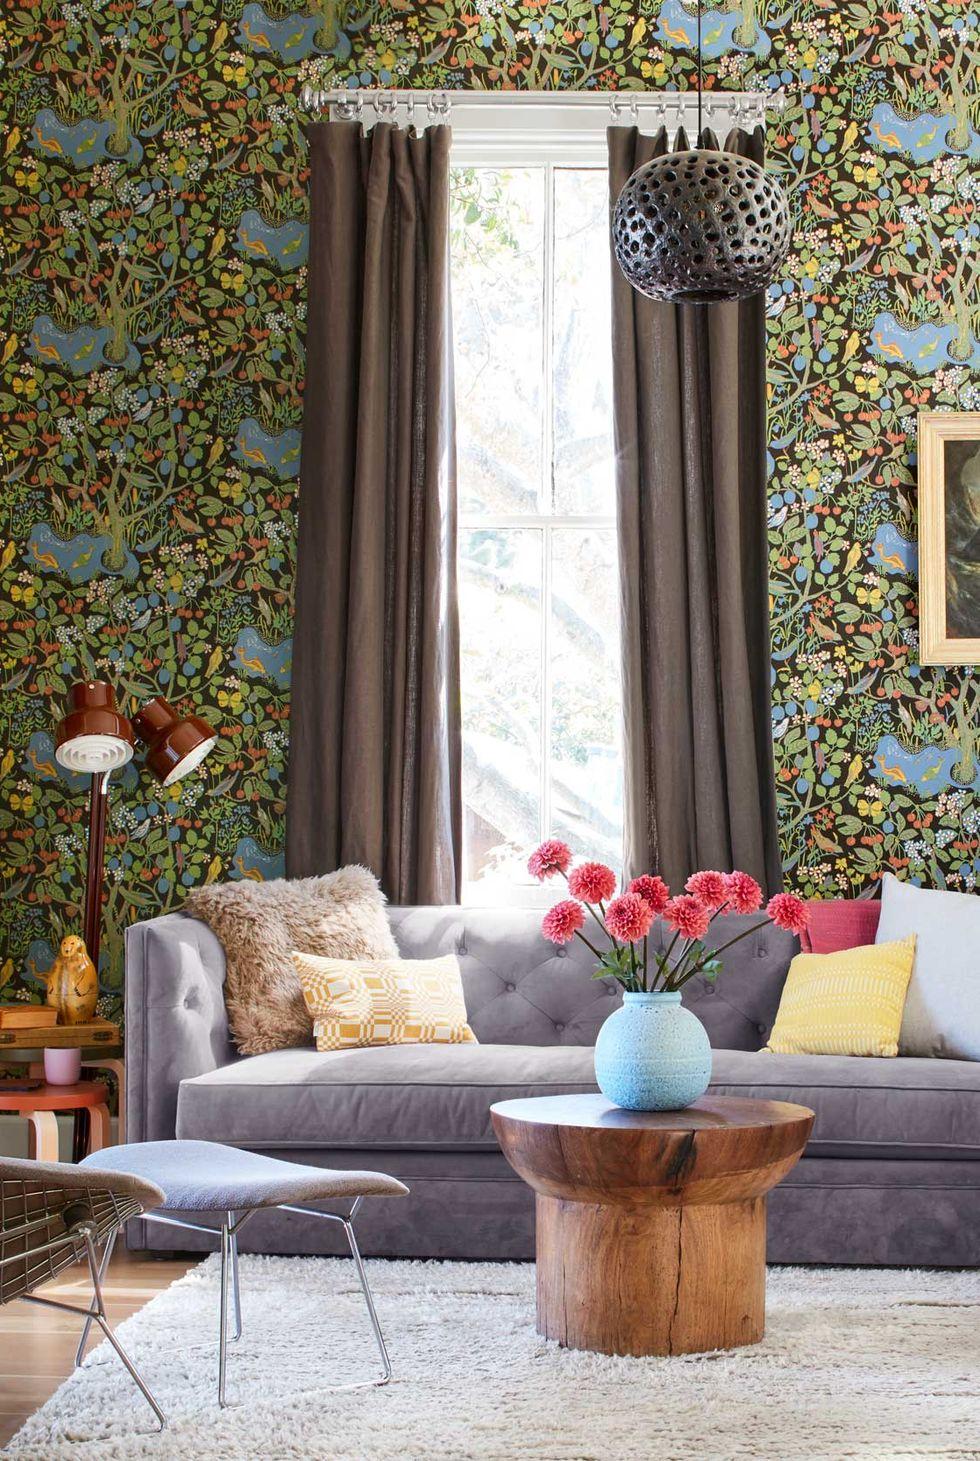 Hình ảnh một góc phòng khách nhỏ với rèm cửa màu nâu dài sát sàn nhà, giấy dán tường họa tiết bắt mắt